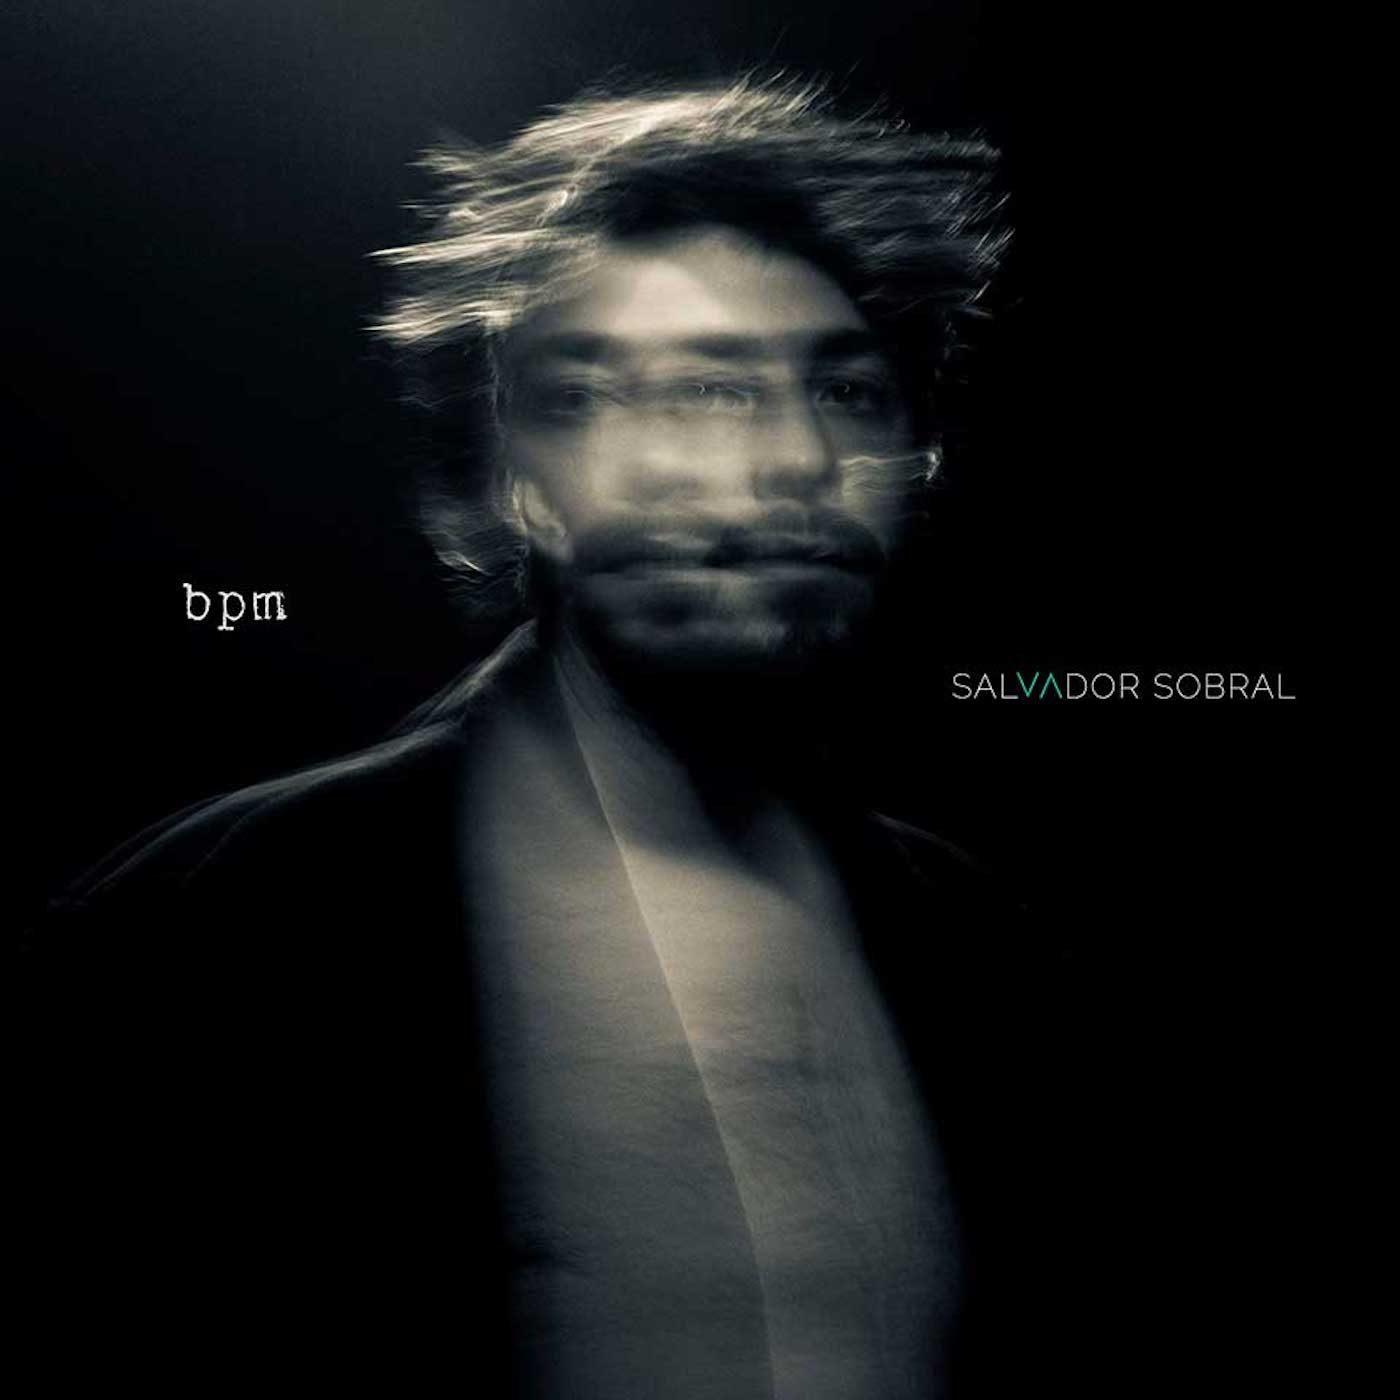 salvador_sobral_bpm-portada